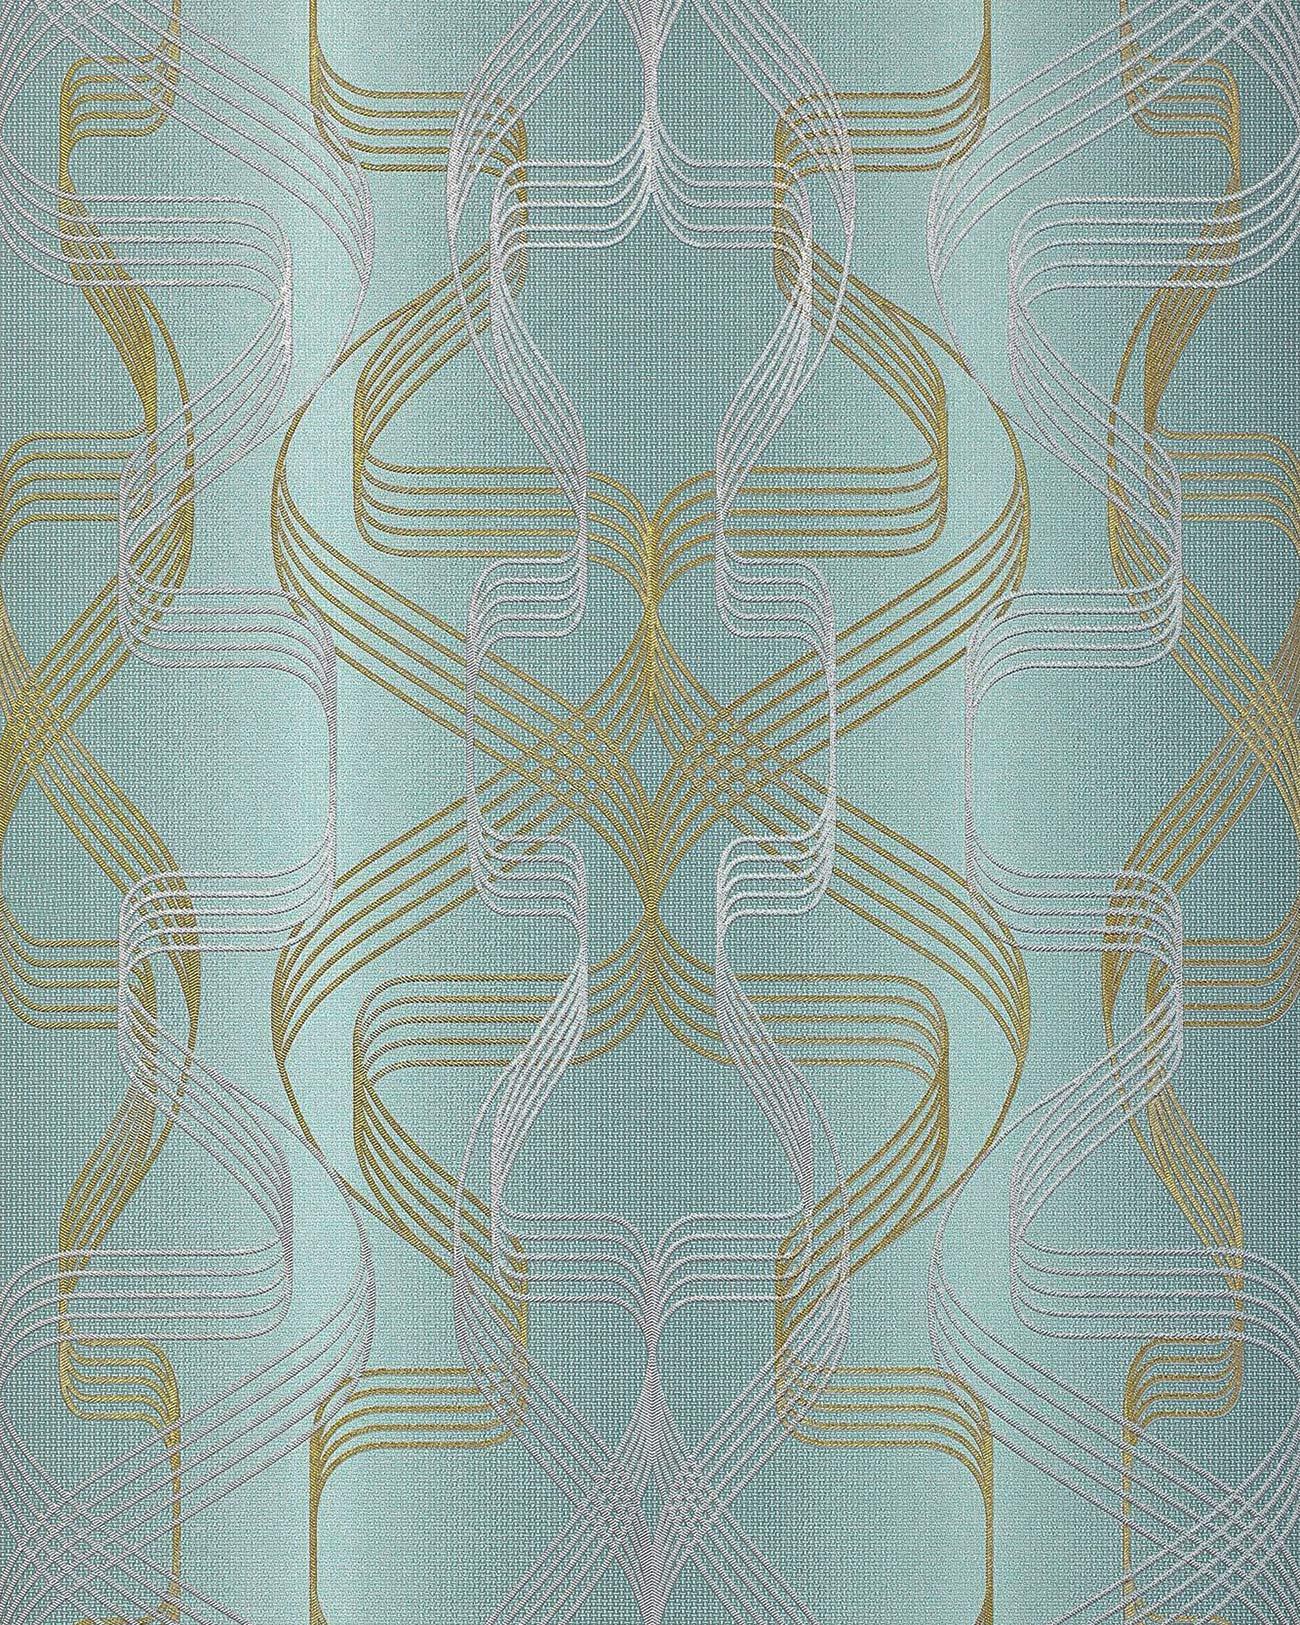 Grafisch behang edem 507 25 opgeschuimd vinylbehang gestructureerd met abstract patroon en - Behang grafisch ontwerp ...